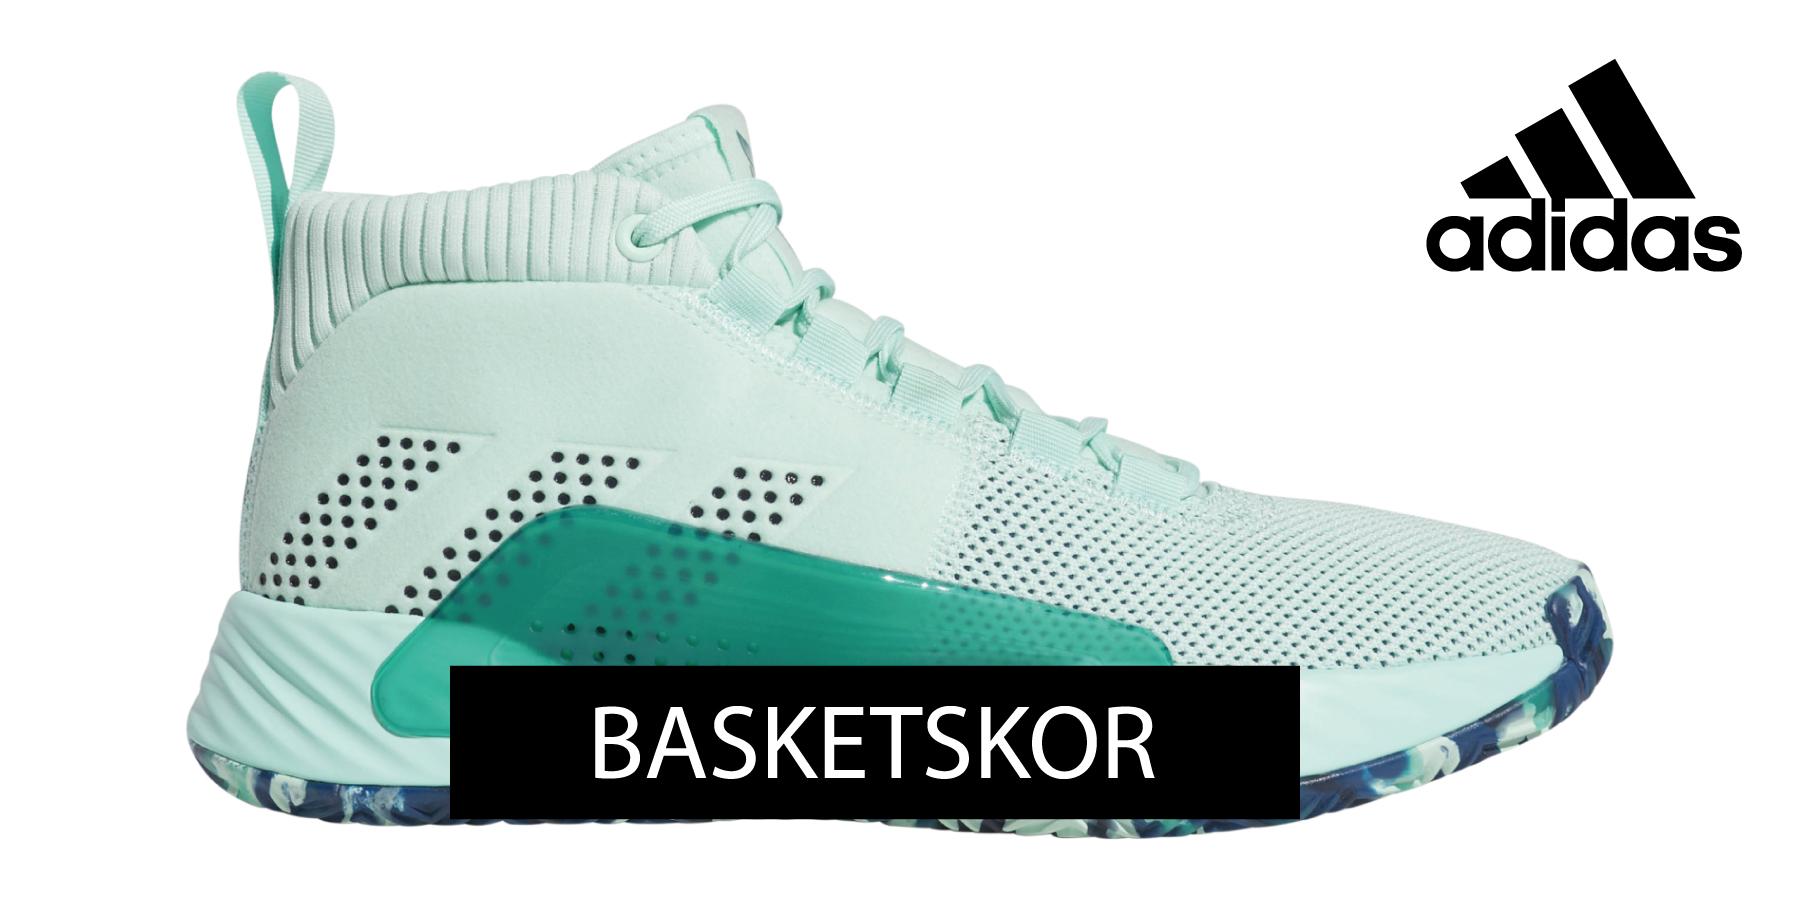 Välkommen till Basketshop.se - din basketbutik på nätet och i Stockholm! 84ddd78637619